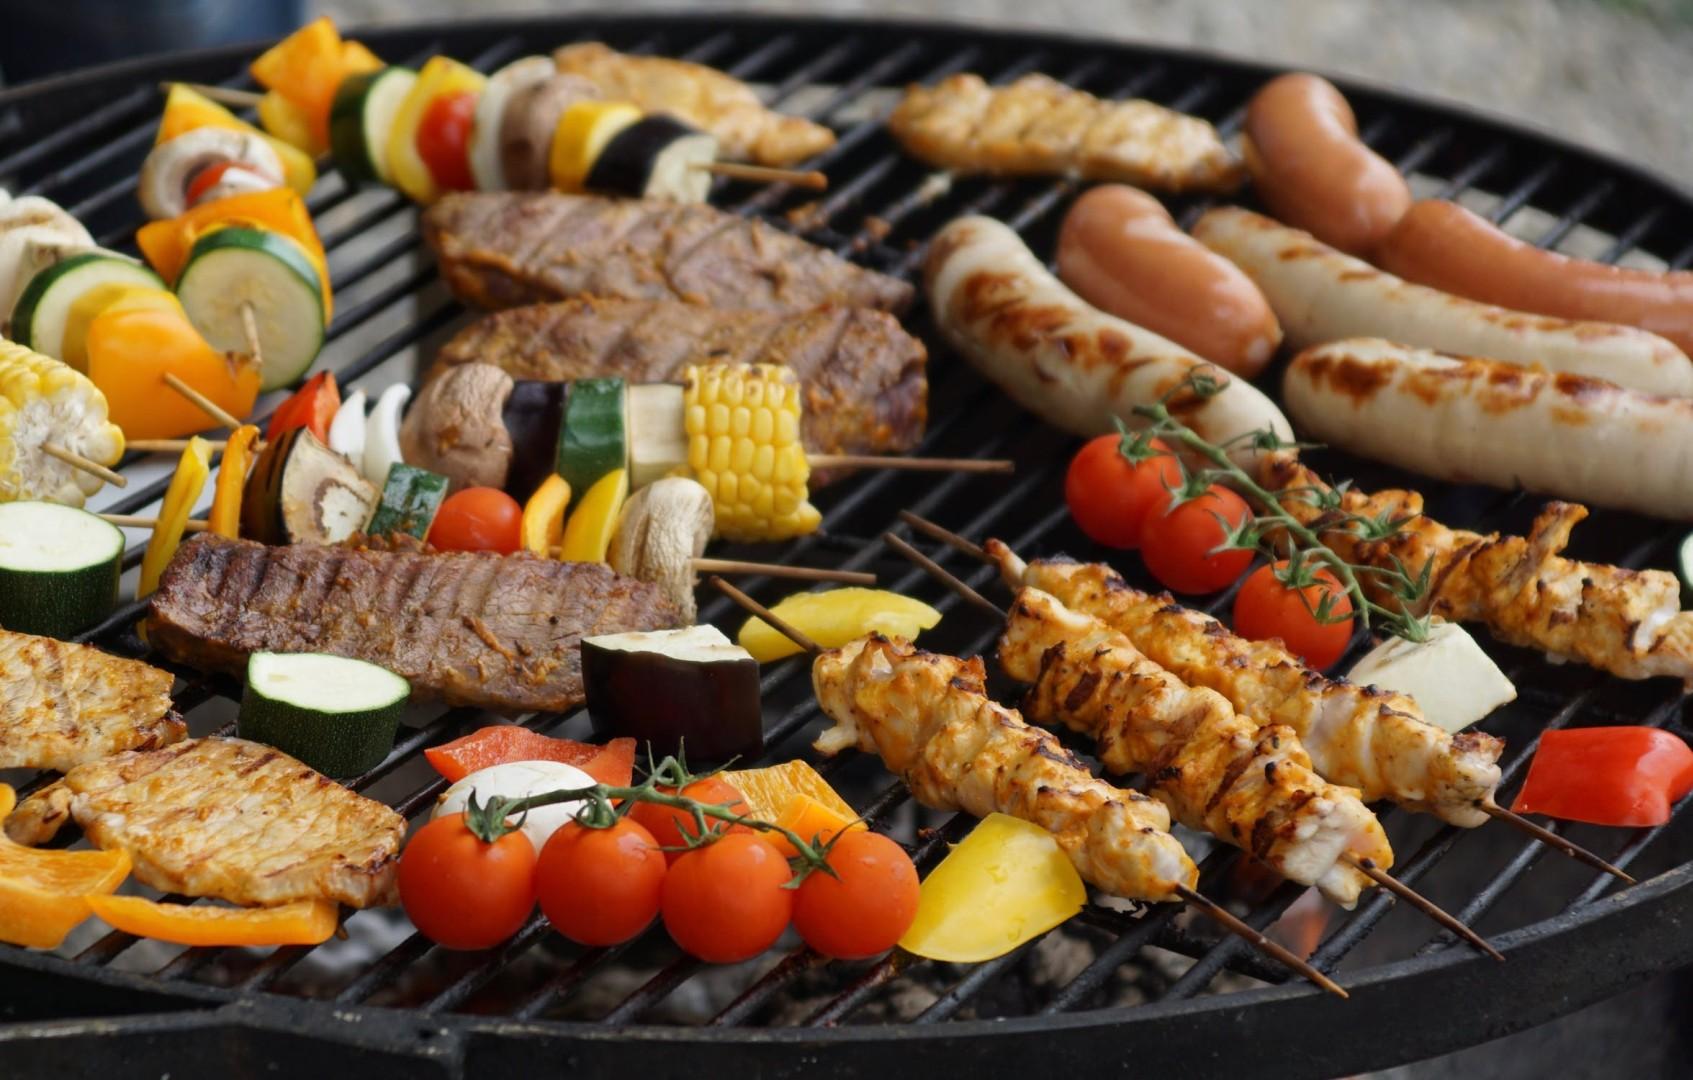 Pomysły i przepisy na wyjątkowe potrawy z grilla